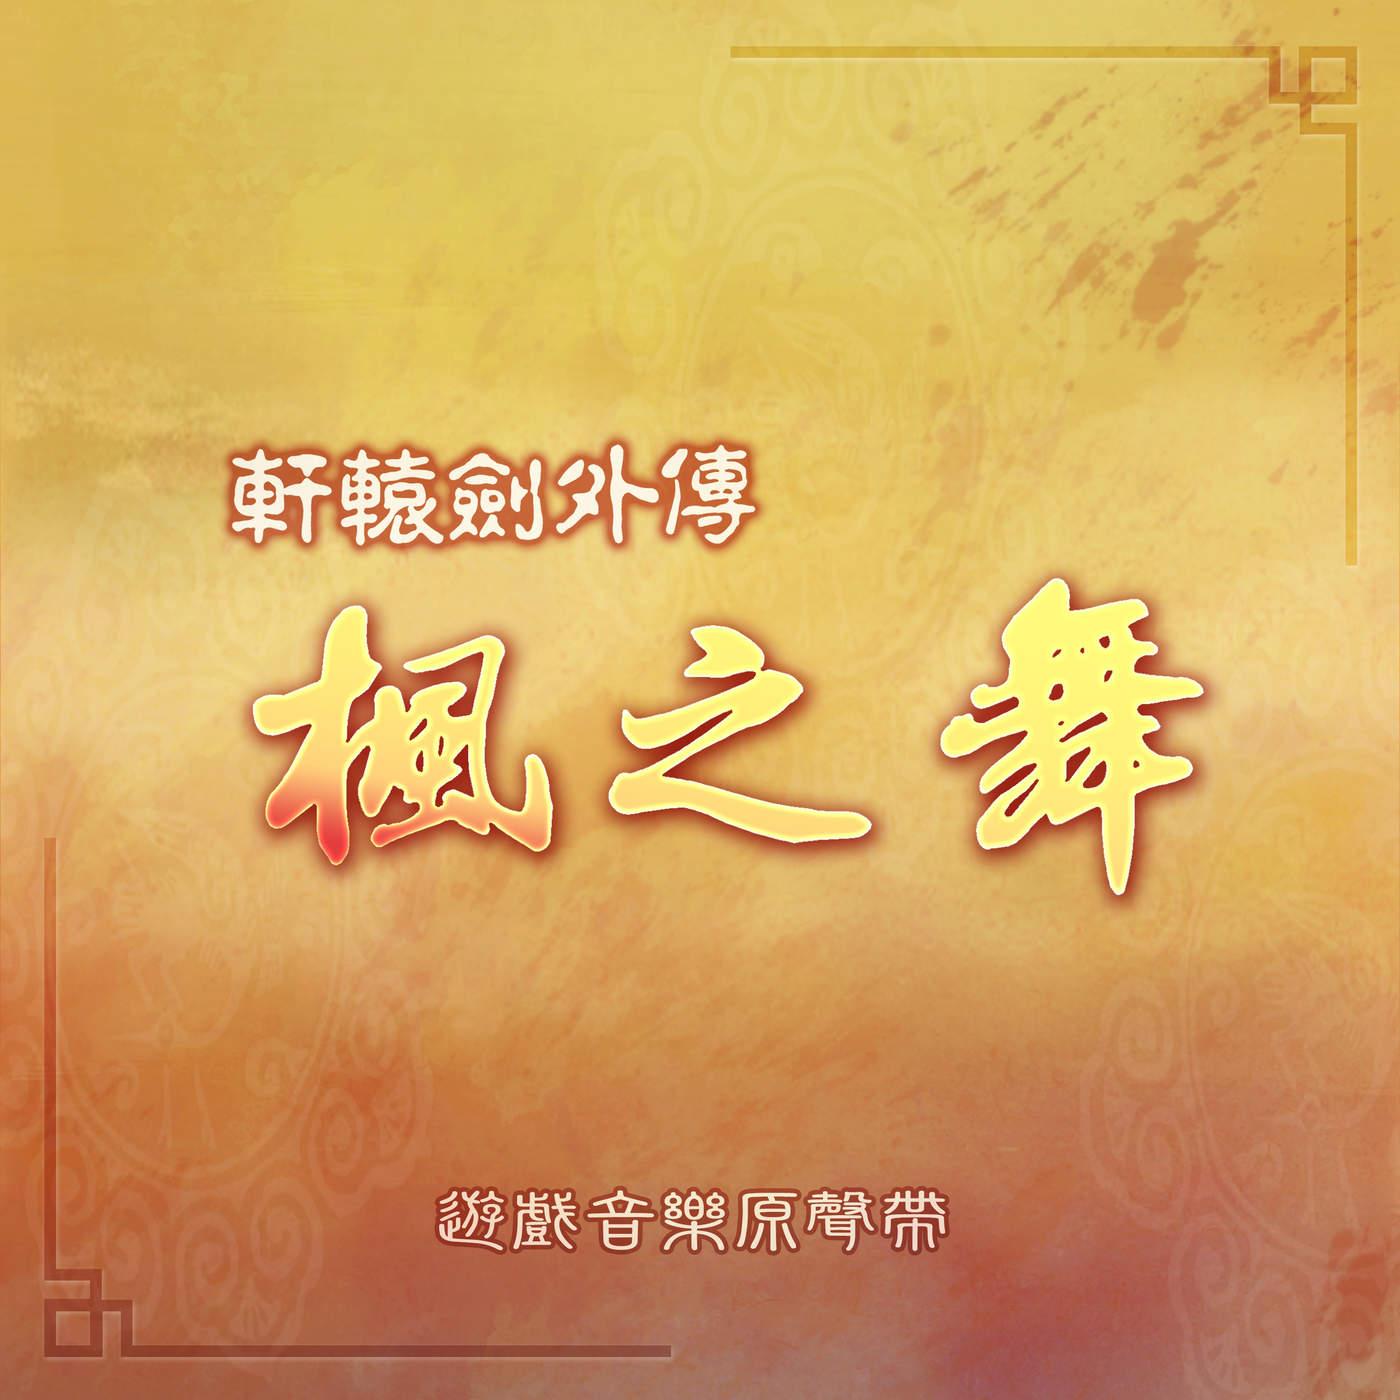 苏竑嶂 - 轩辕剑外传 枫之舞 (游戏音乐原声带)